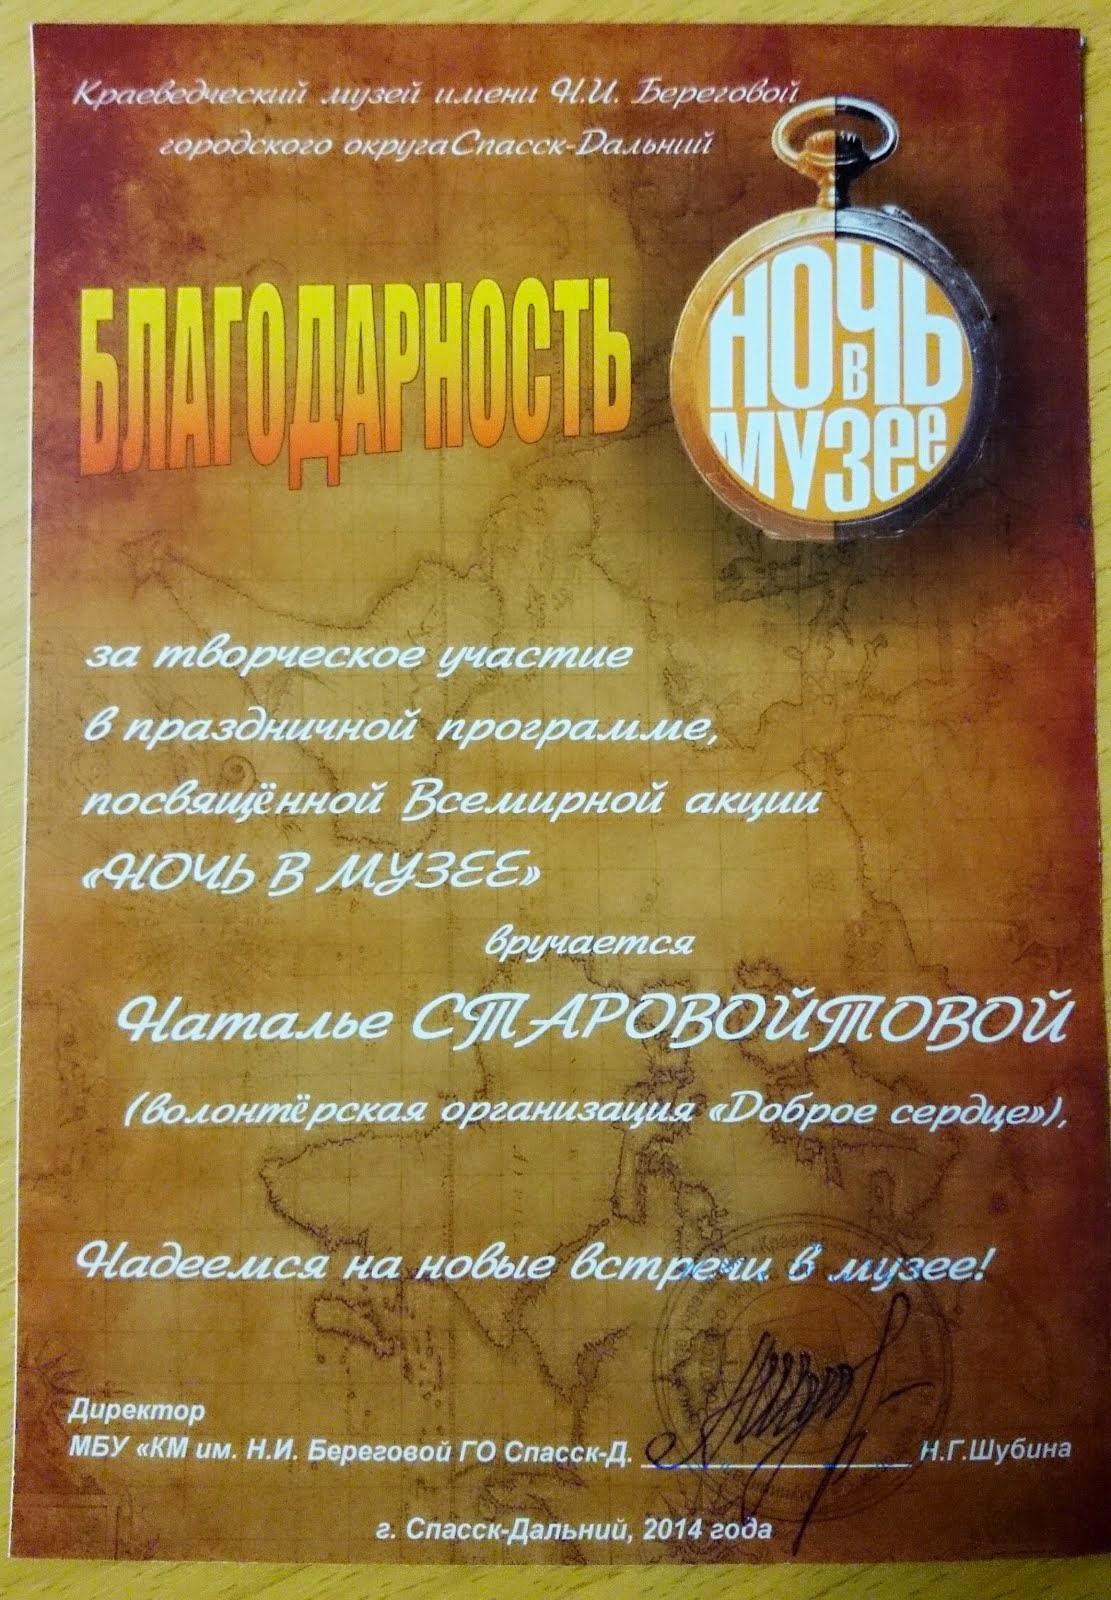 25.05.14 Благодарность от музея.